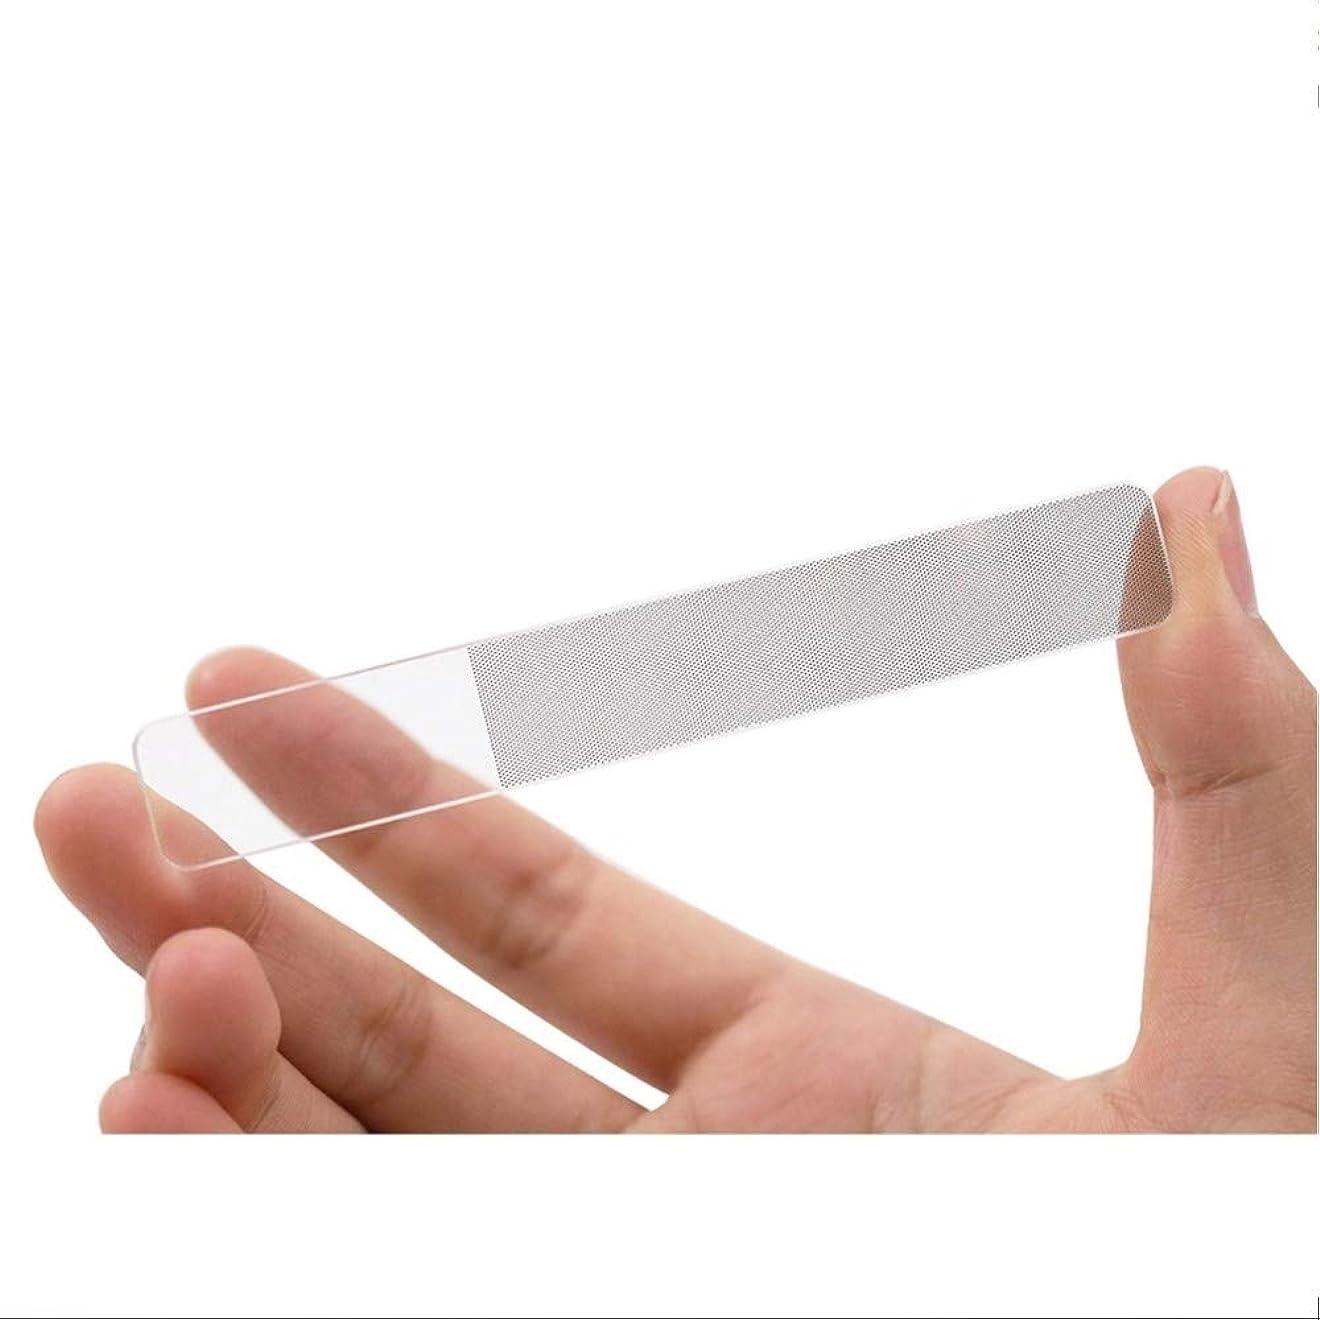 生態学墓地マーカーWith Grado ガラス製 爪 やすり 磨き ピカピカ ネイルケア (ぴかぴか爪やすり)